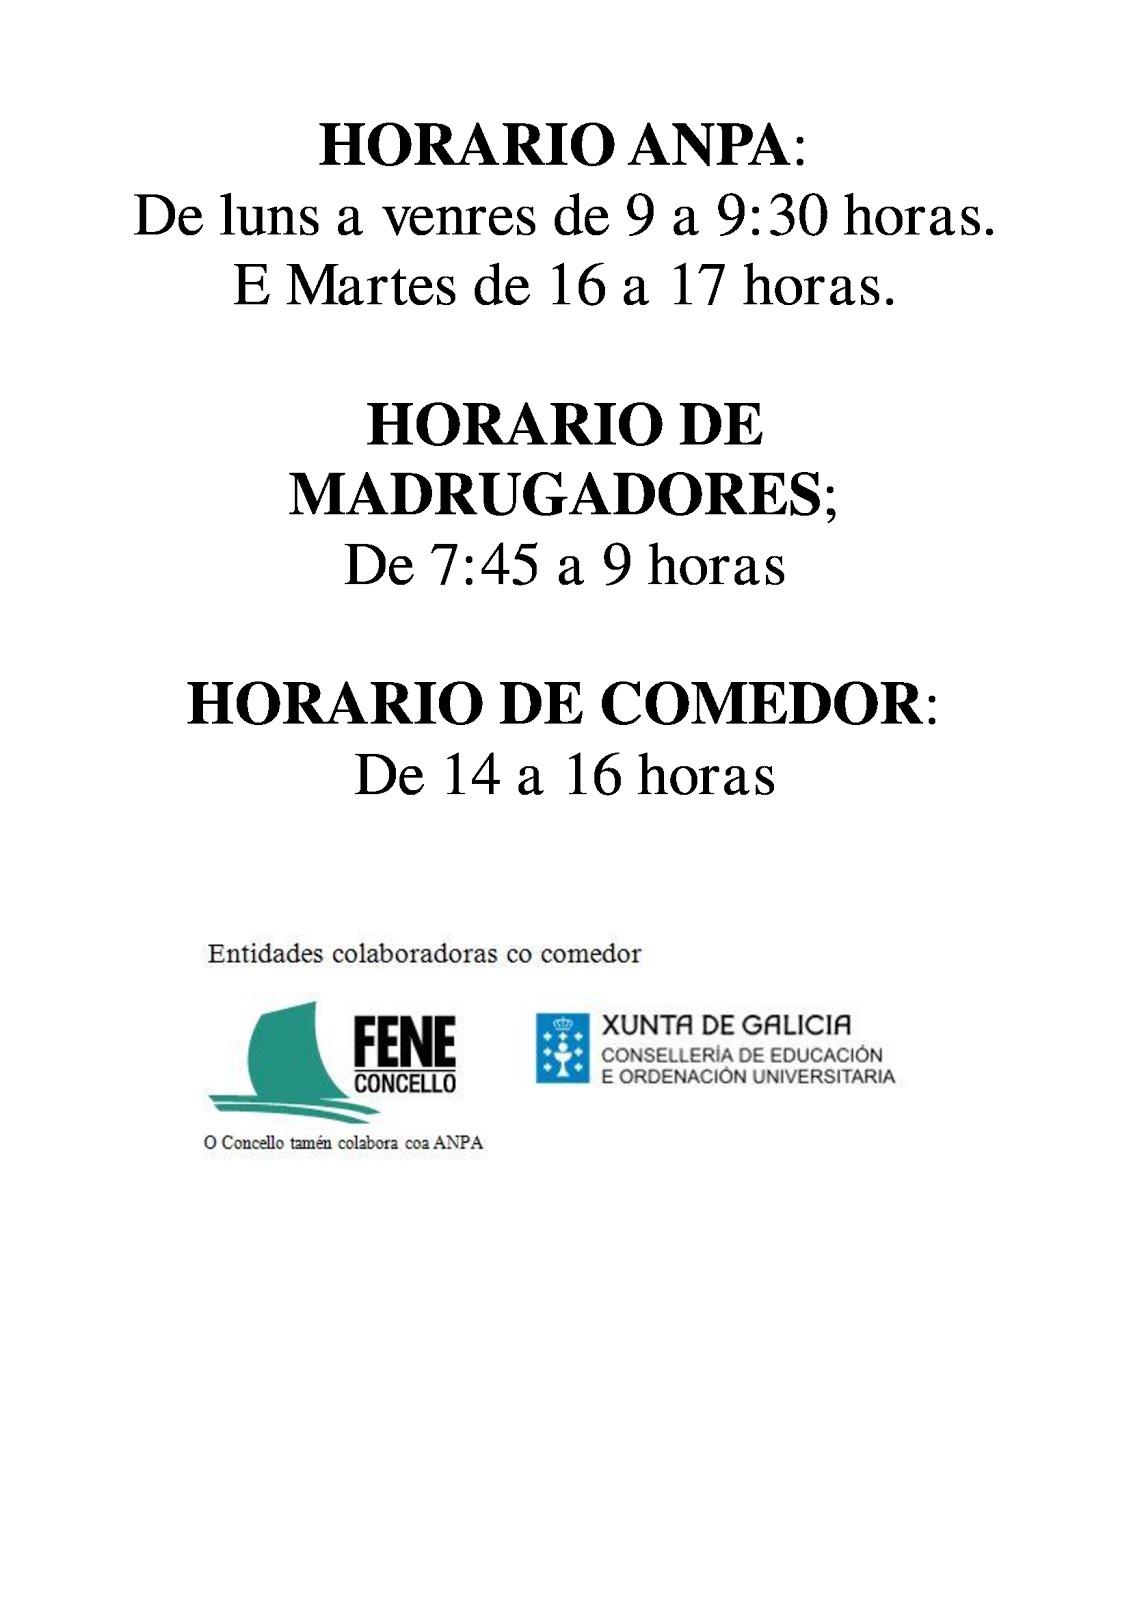 HORARIOS DE INTERESE